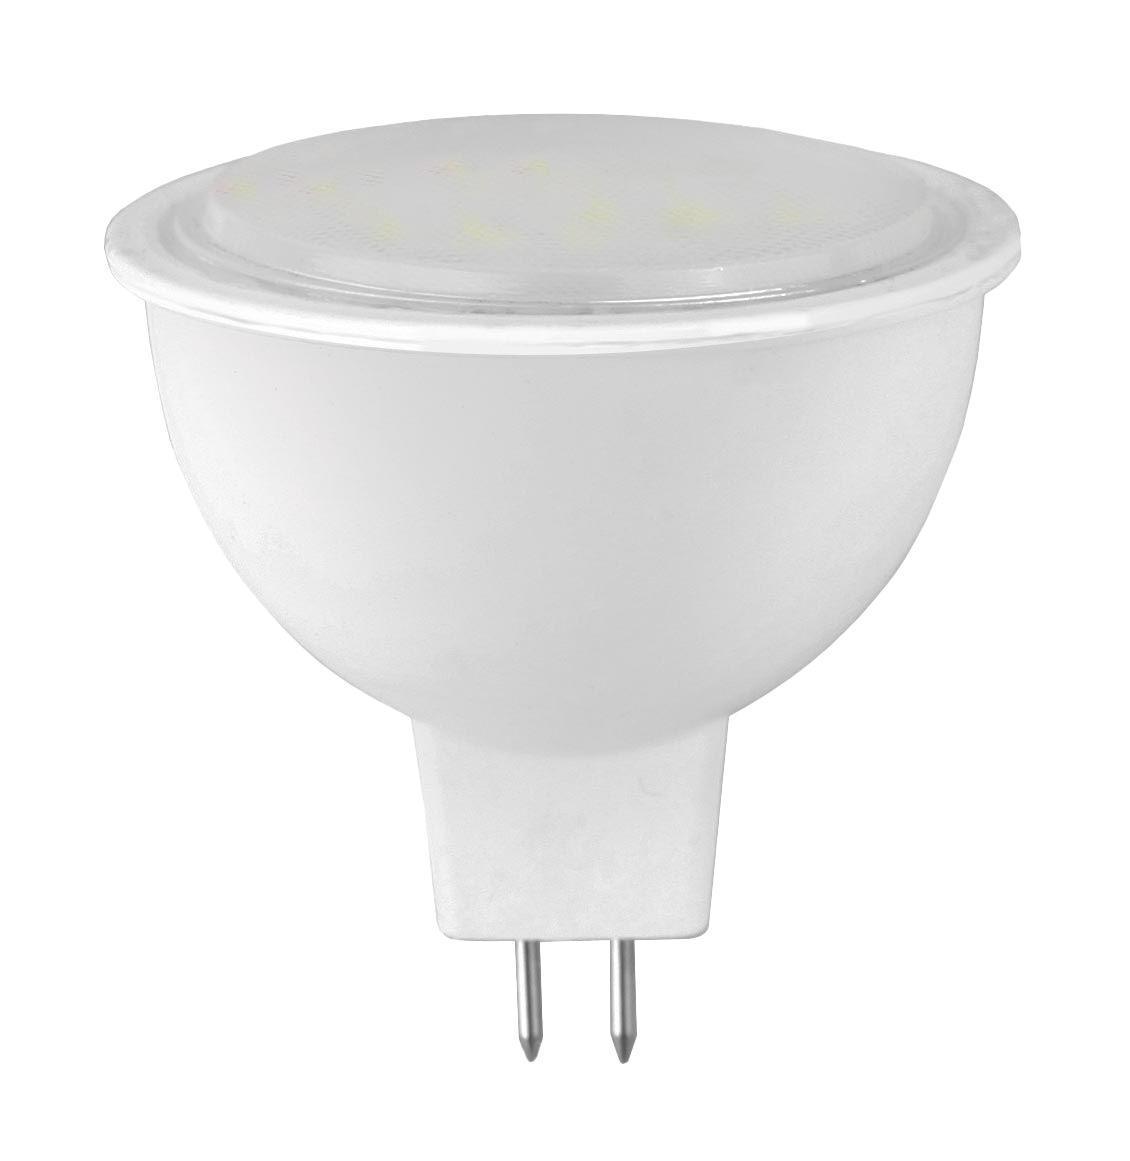 Camelion LED5-JCDR/830/GU5.3 светодиодная лампа, 5ВтC0027361Высокая вибро- и ударопрочность - отсутствуют нить накаливания и хрупкие стеклянные трубки. Широкий температурный диапазон эксплуатации (от -30 C до +40 C) - возможность использования ламп вне помещений. Могут применяться как для основного, так и для акцентированного освещения. Экономия электроэнергии до 90% без ущерба для освещенности и качества света по сравнению с обычными лампами накаливания такой же яркости. Мгновенное включение и выход на полную яркость. Светодиодные лампы для точечных светильников - это замена традиционных и повсеместно используемых галогенных ламп типа JCDR.Отличительной особенностью светодиодных ламп точечного света является низкое энергопотребление и почти отсутствие нагрева в процессе эксплуатации. При этом -это лампы с высоким сроком службы 30 000 - 50 000 часов. Если вы хотите экономить, и готовы на начальном этапе потратиться, тогда ваш выбор светодиодное освещение. Если же по каким-то причинам светодиодные источники света вас не устраивают, но при этом вы хотите все же экономить - обратите внимание на энергосберегающие компактные люминесцентные лампы точечного света.Напряжение: 220-240 В / 50 Гц.